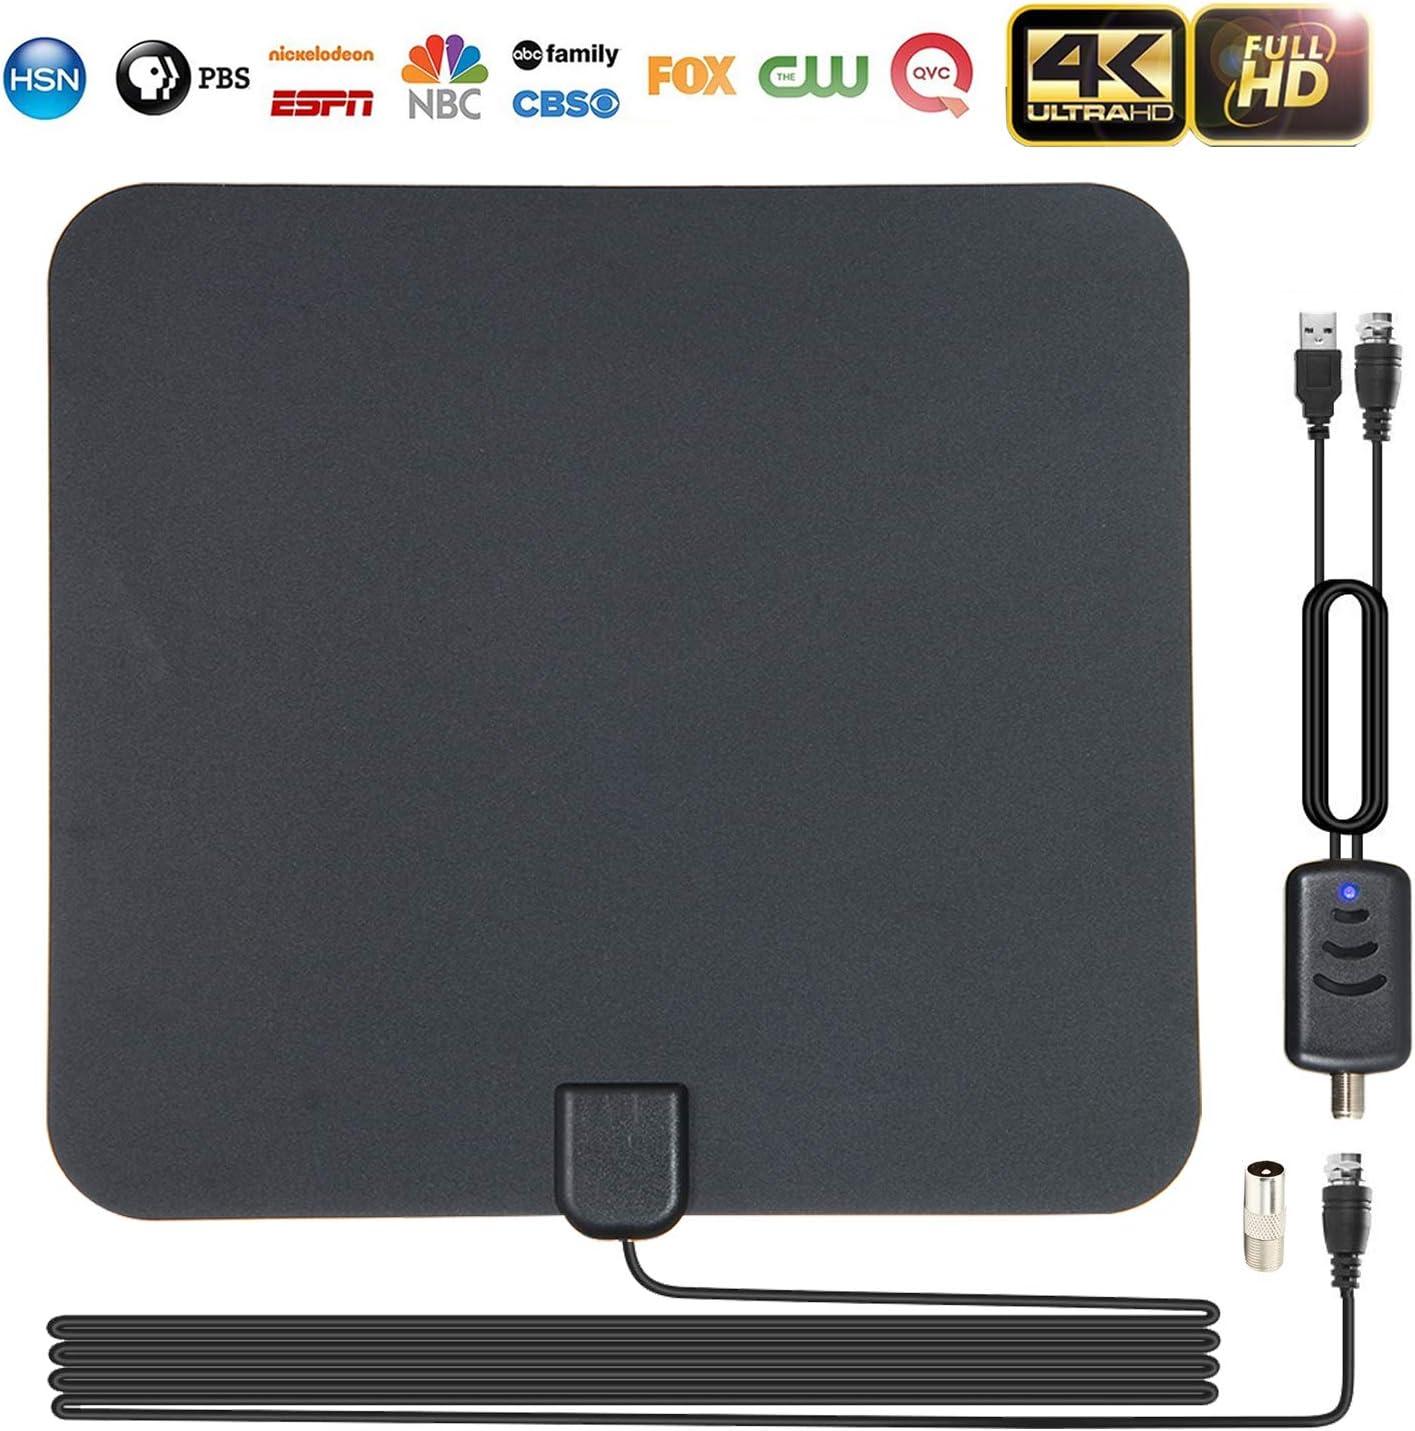 Antenas de TV Interior, leegoal Amplificado 80 Millas de Largo Alcance recepción Libre 1080p 4K Antena de HDTV Digital con Amplificador Desmontable ...